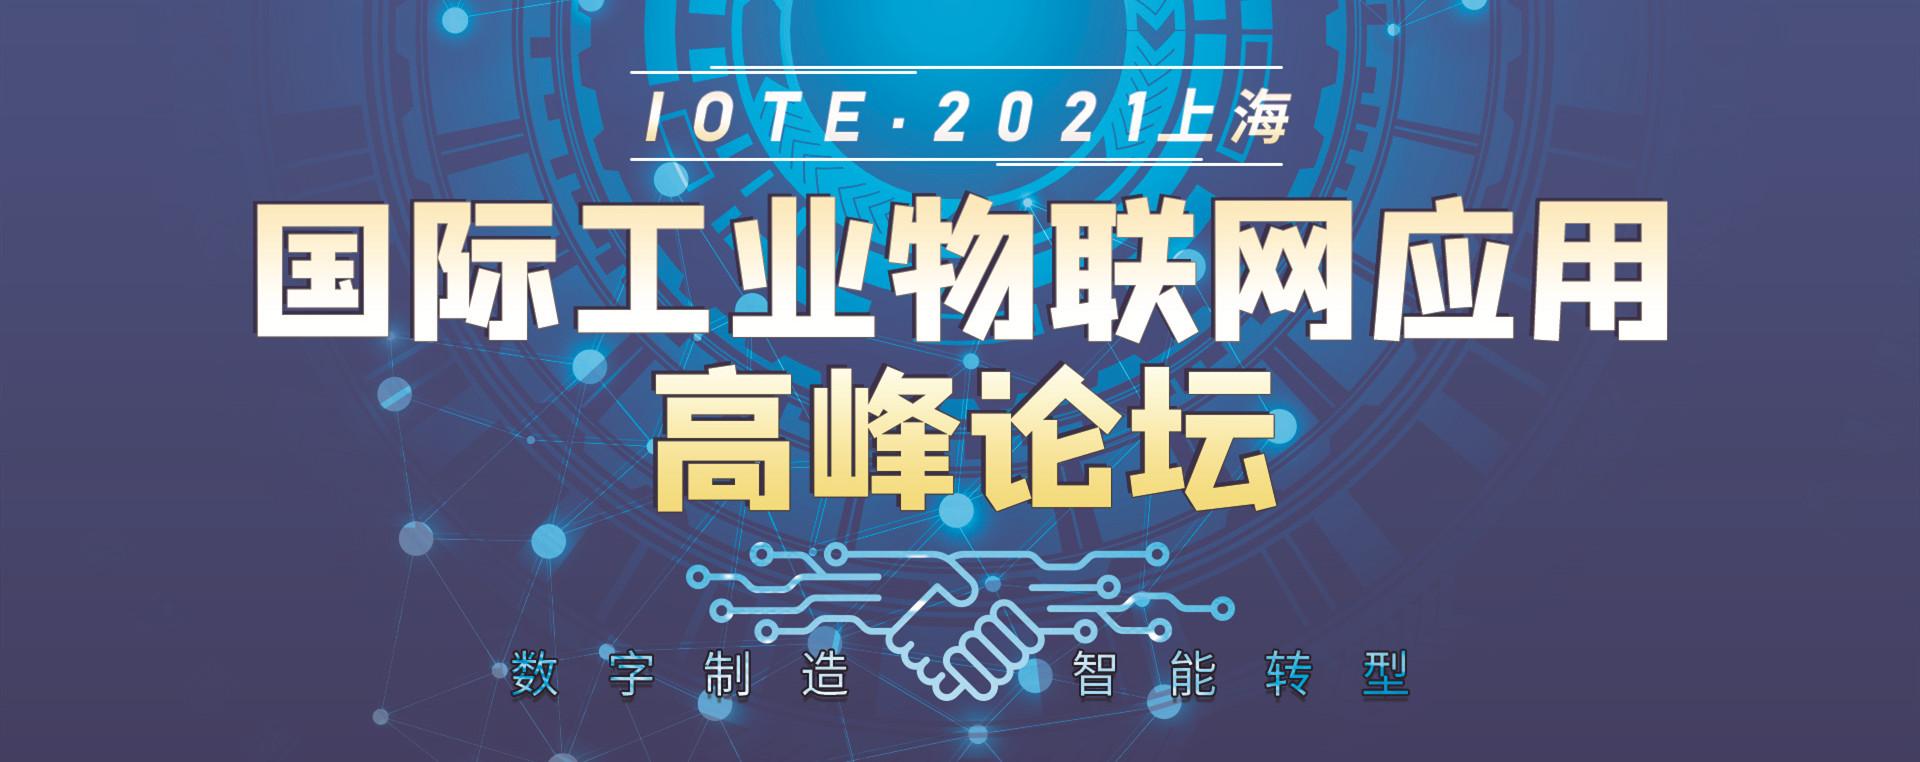 會議專題 | IOTE·2021上海國際工業物聯網應用高峰論壇